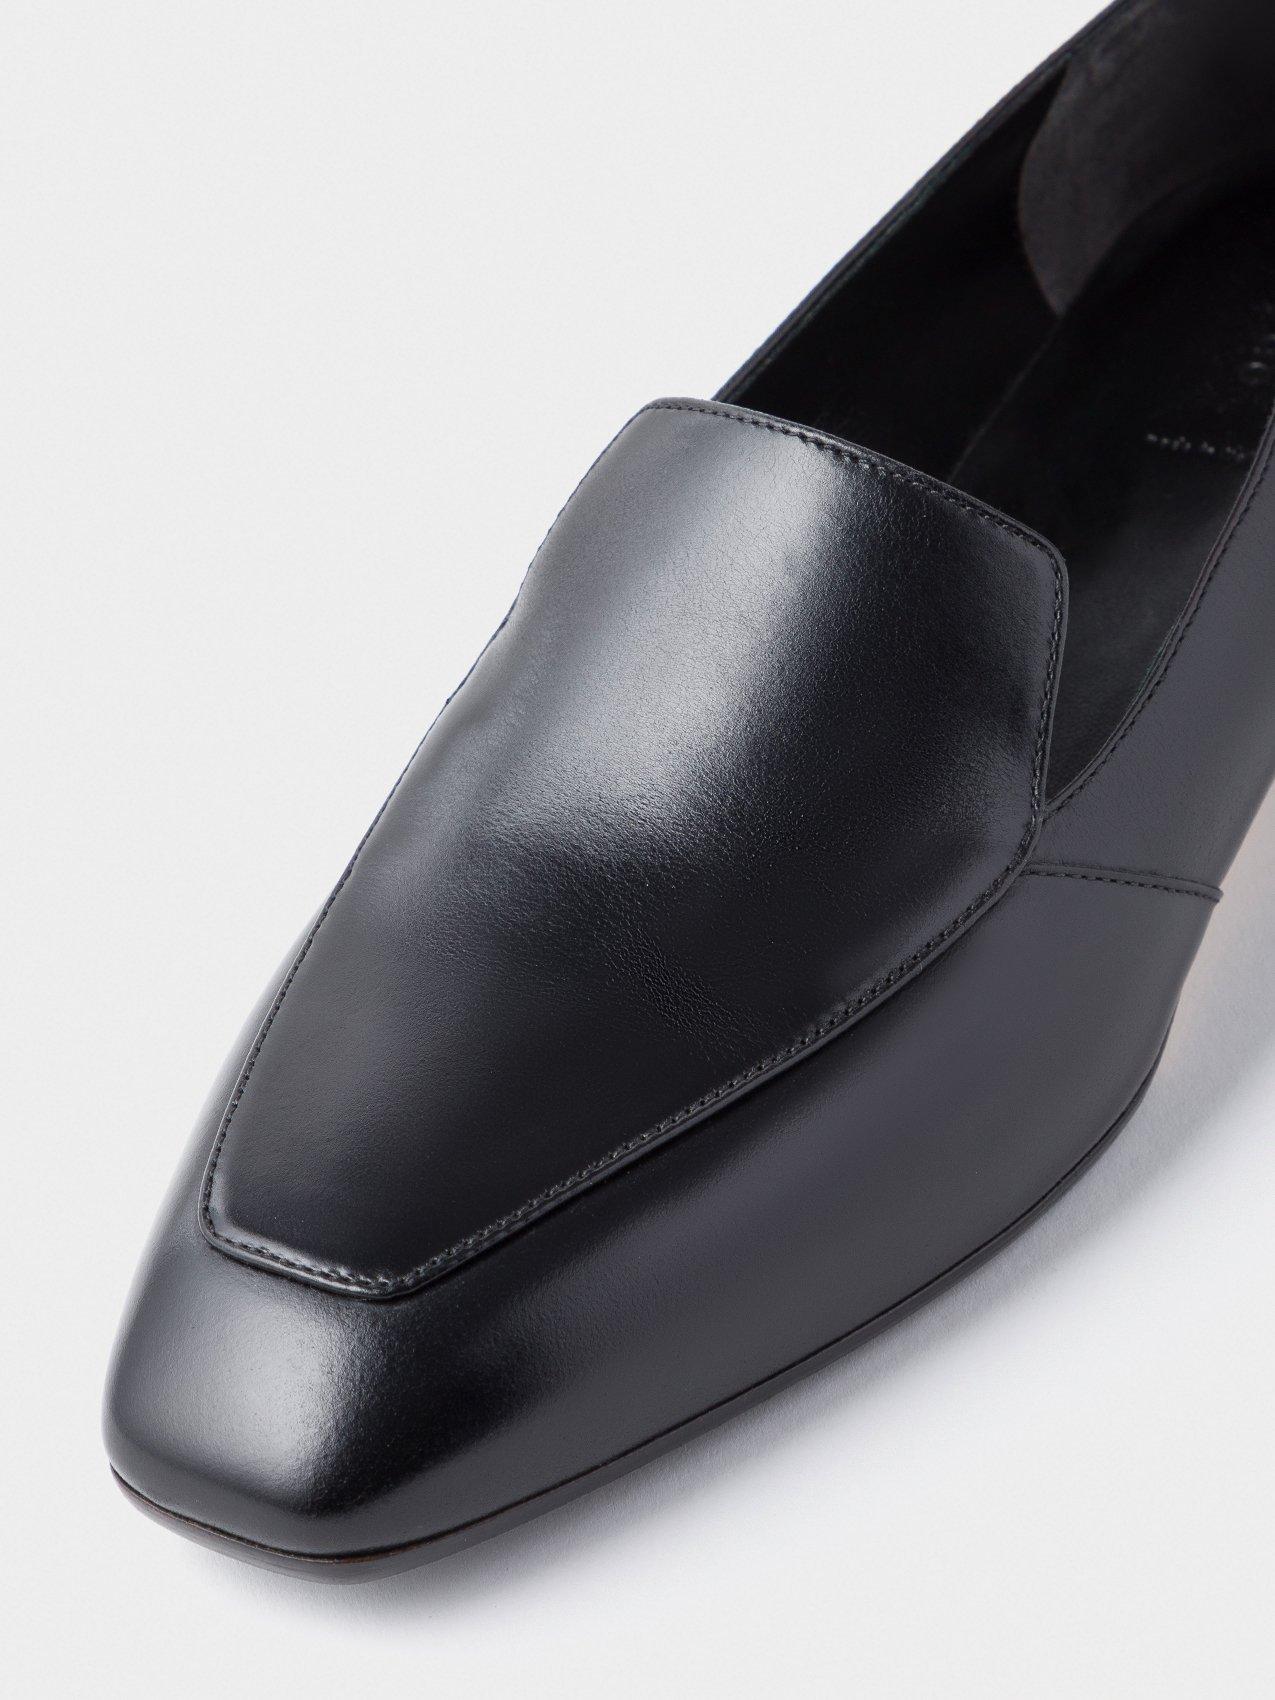 Loafer, Angi, Aeyde, Black